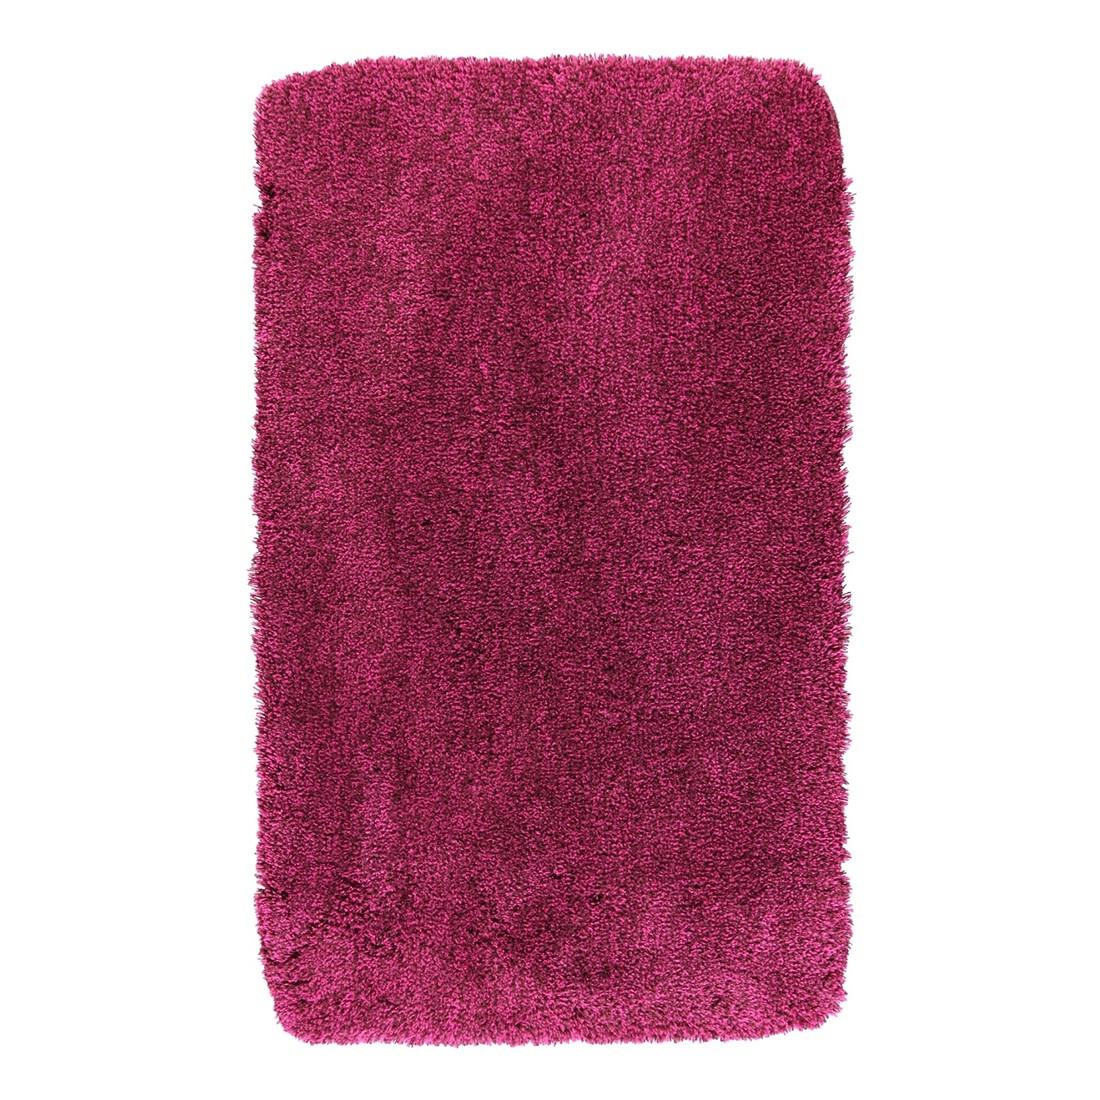 Badteppich Relax – 100% Polyacryl Cyclam – 460 – Abmessungen: 50 x 80 cm, Kleine Wolke online bestellen